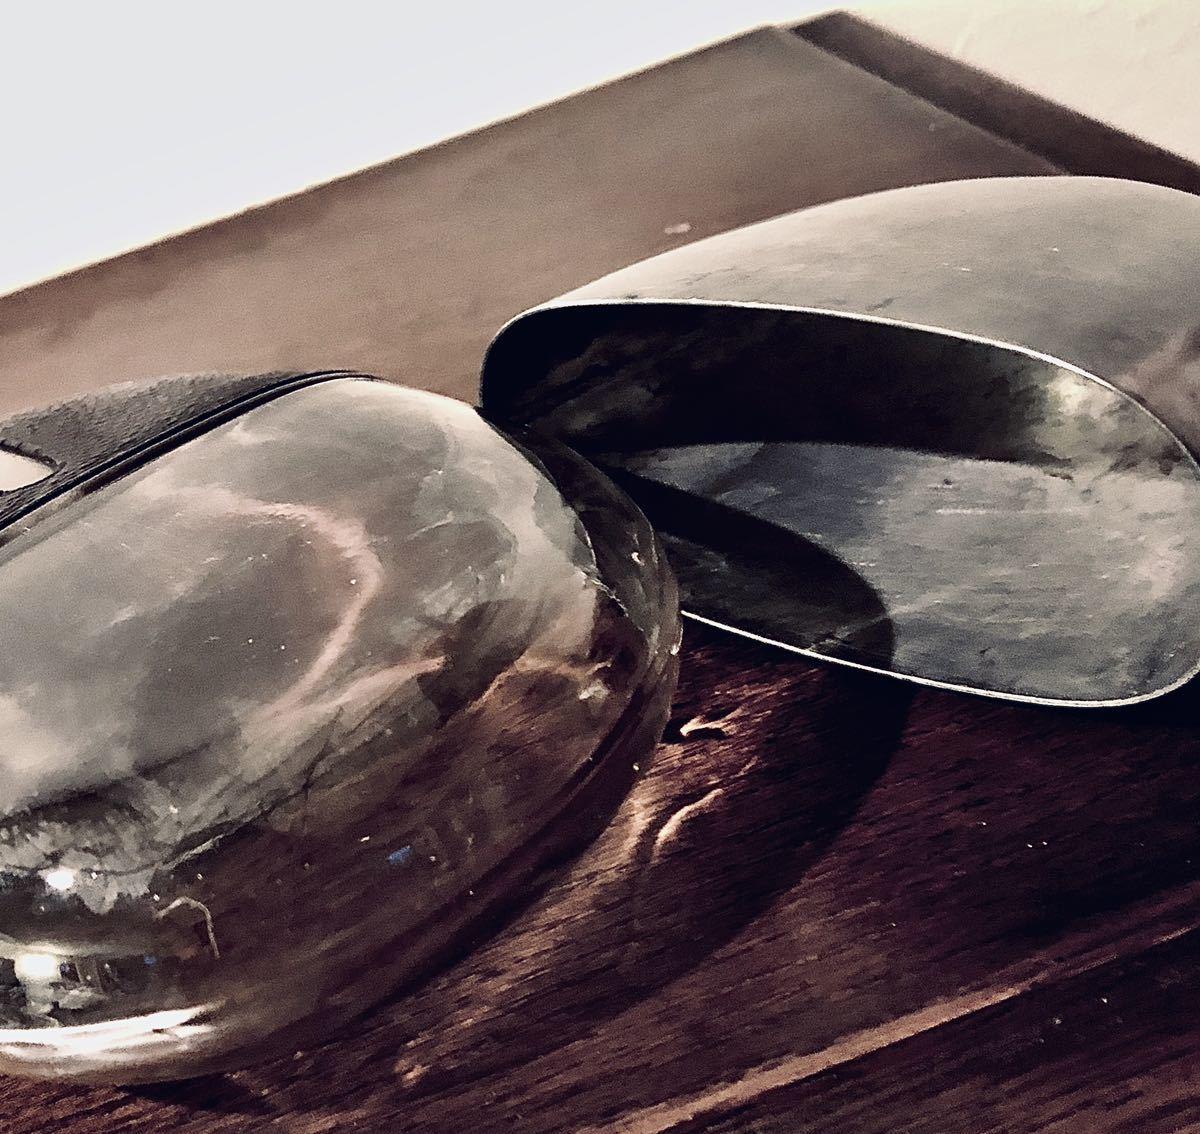 英国アンティーク スキットル ウイスキー ヒップフラスク ガラス&レザー シルバー 革製 オールドボトル 300ml 大型